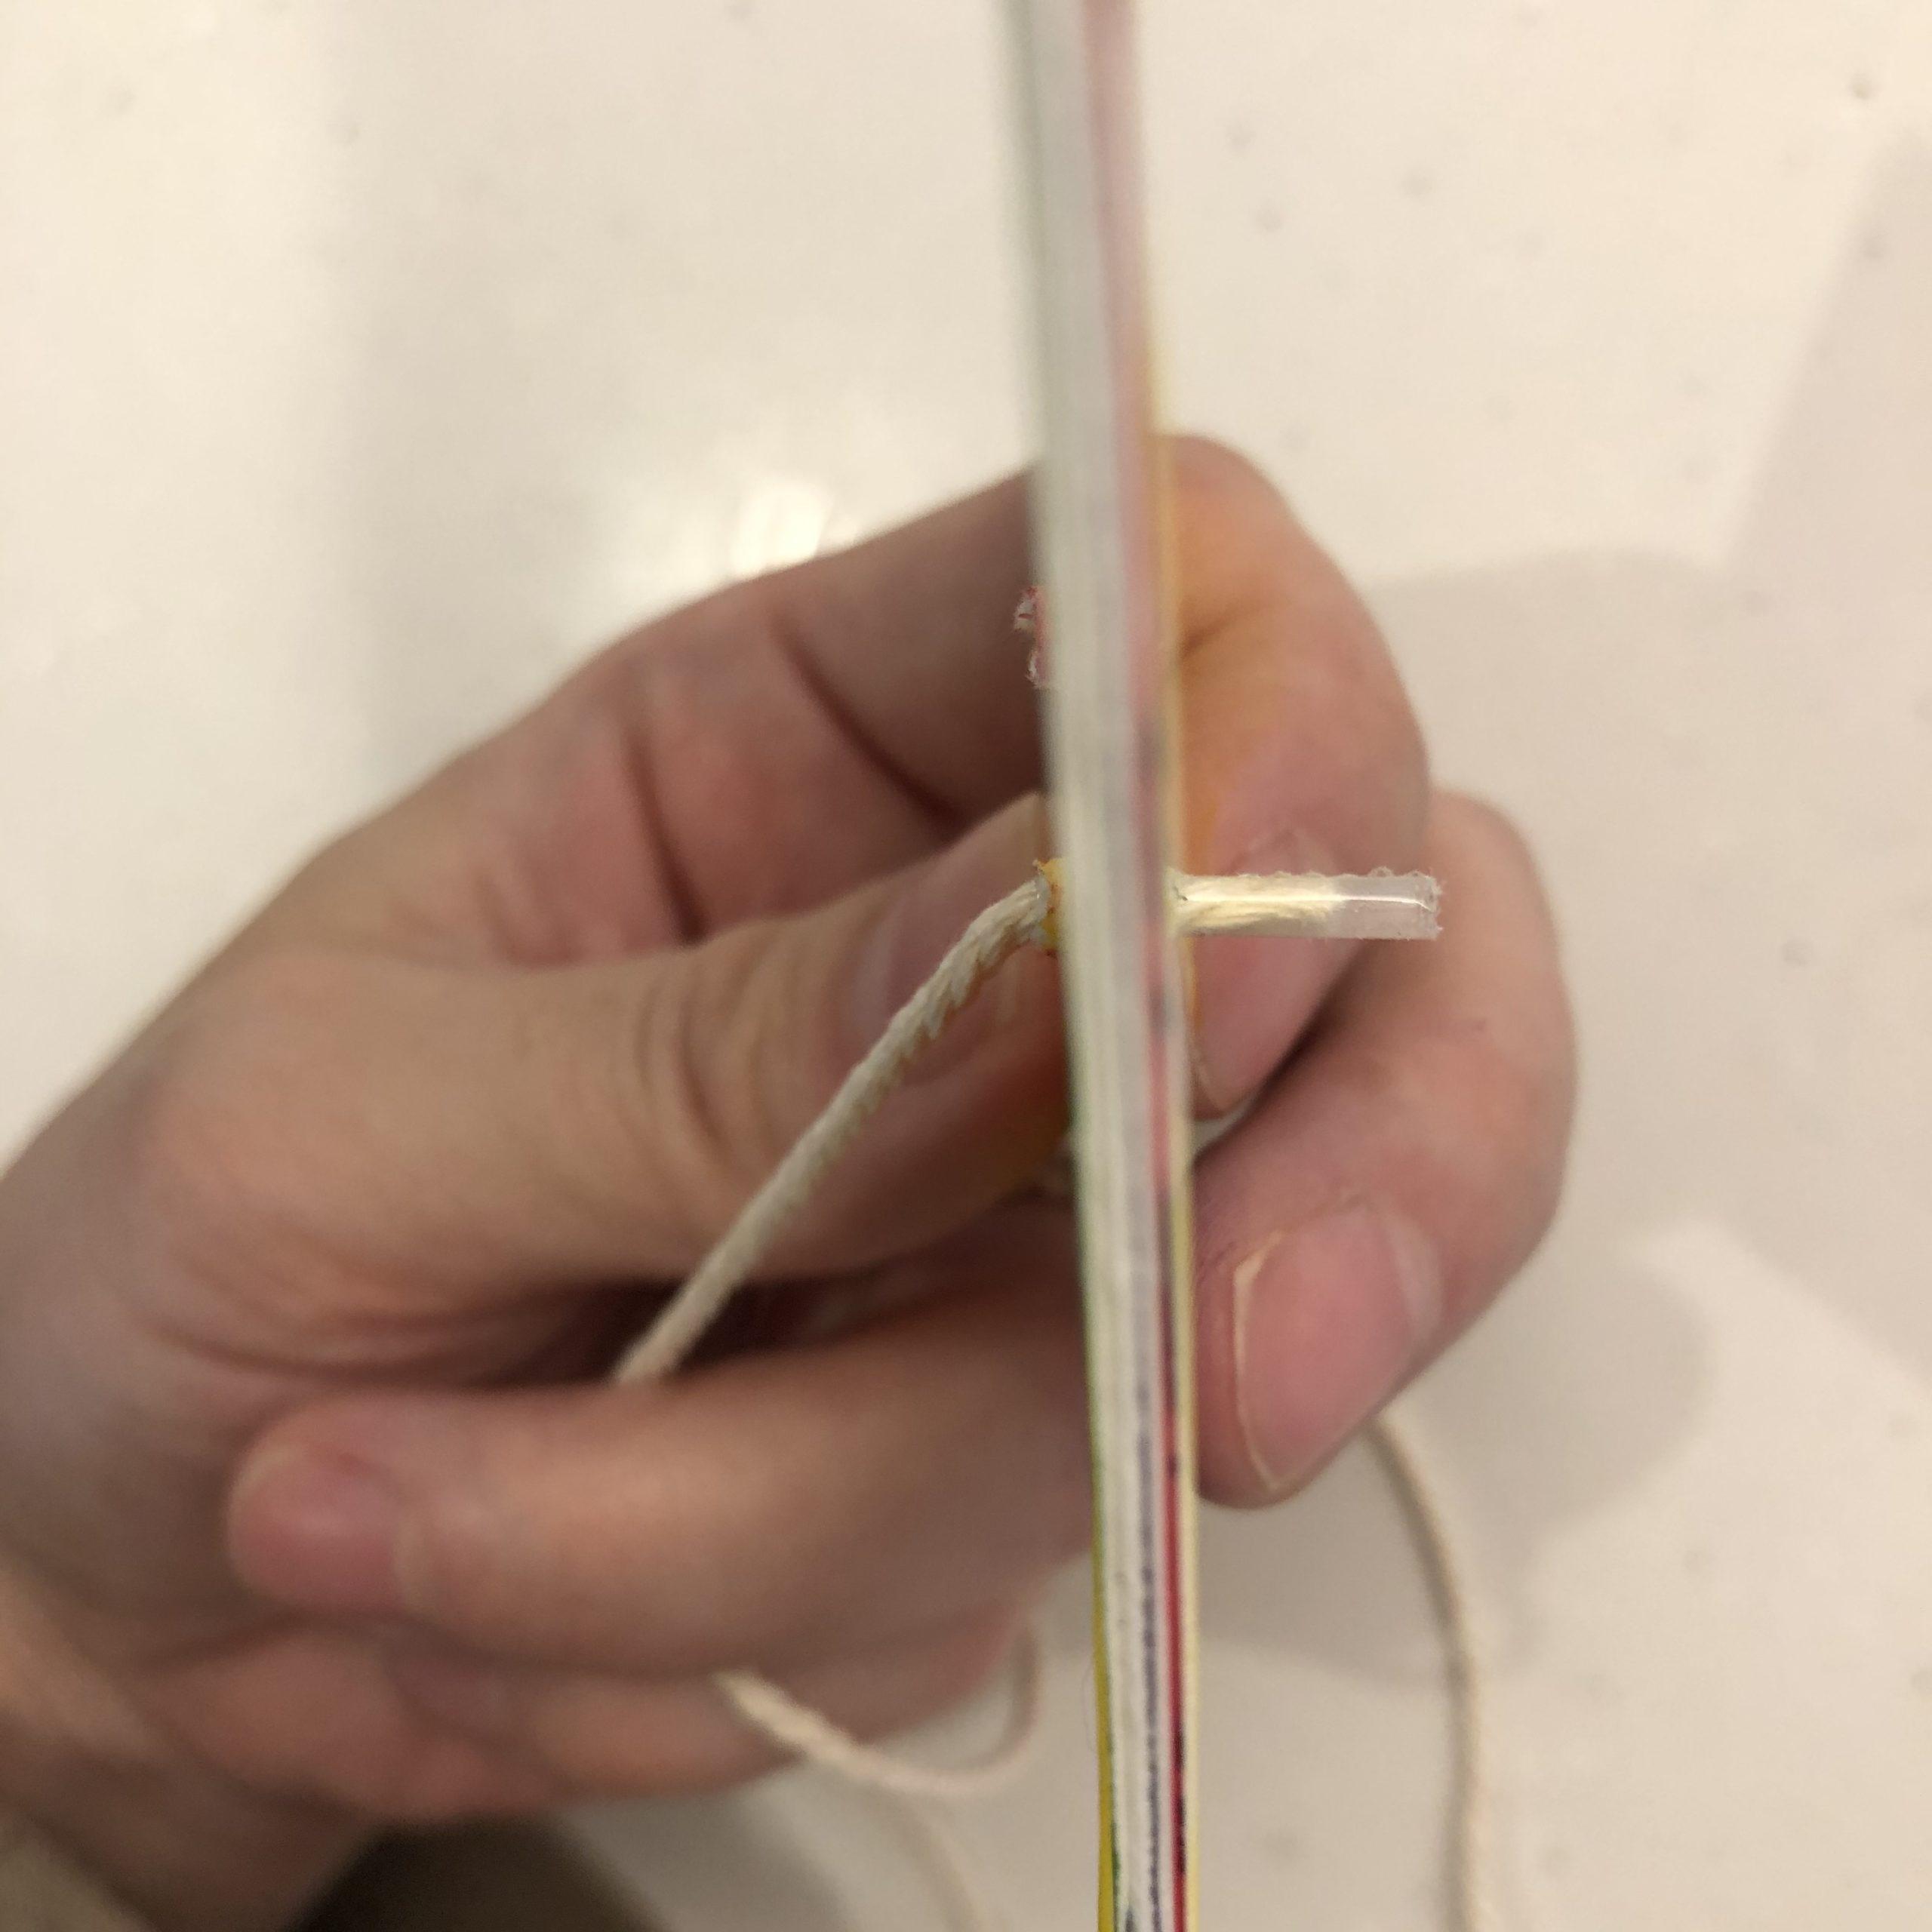 ビュンビュンごまに糸を通しやすくセロハンテープをまく